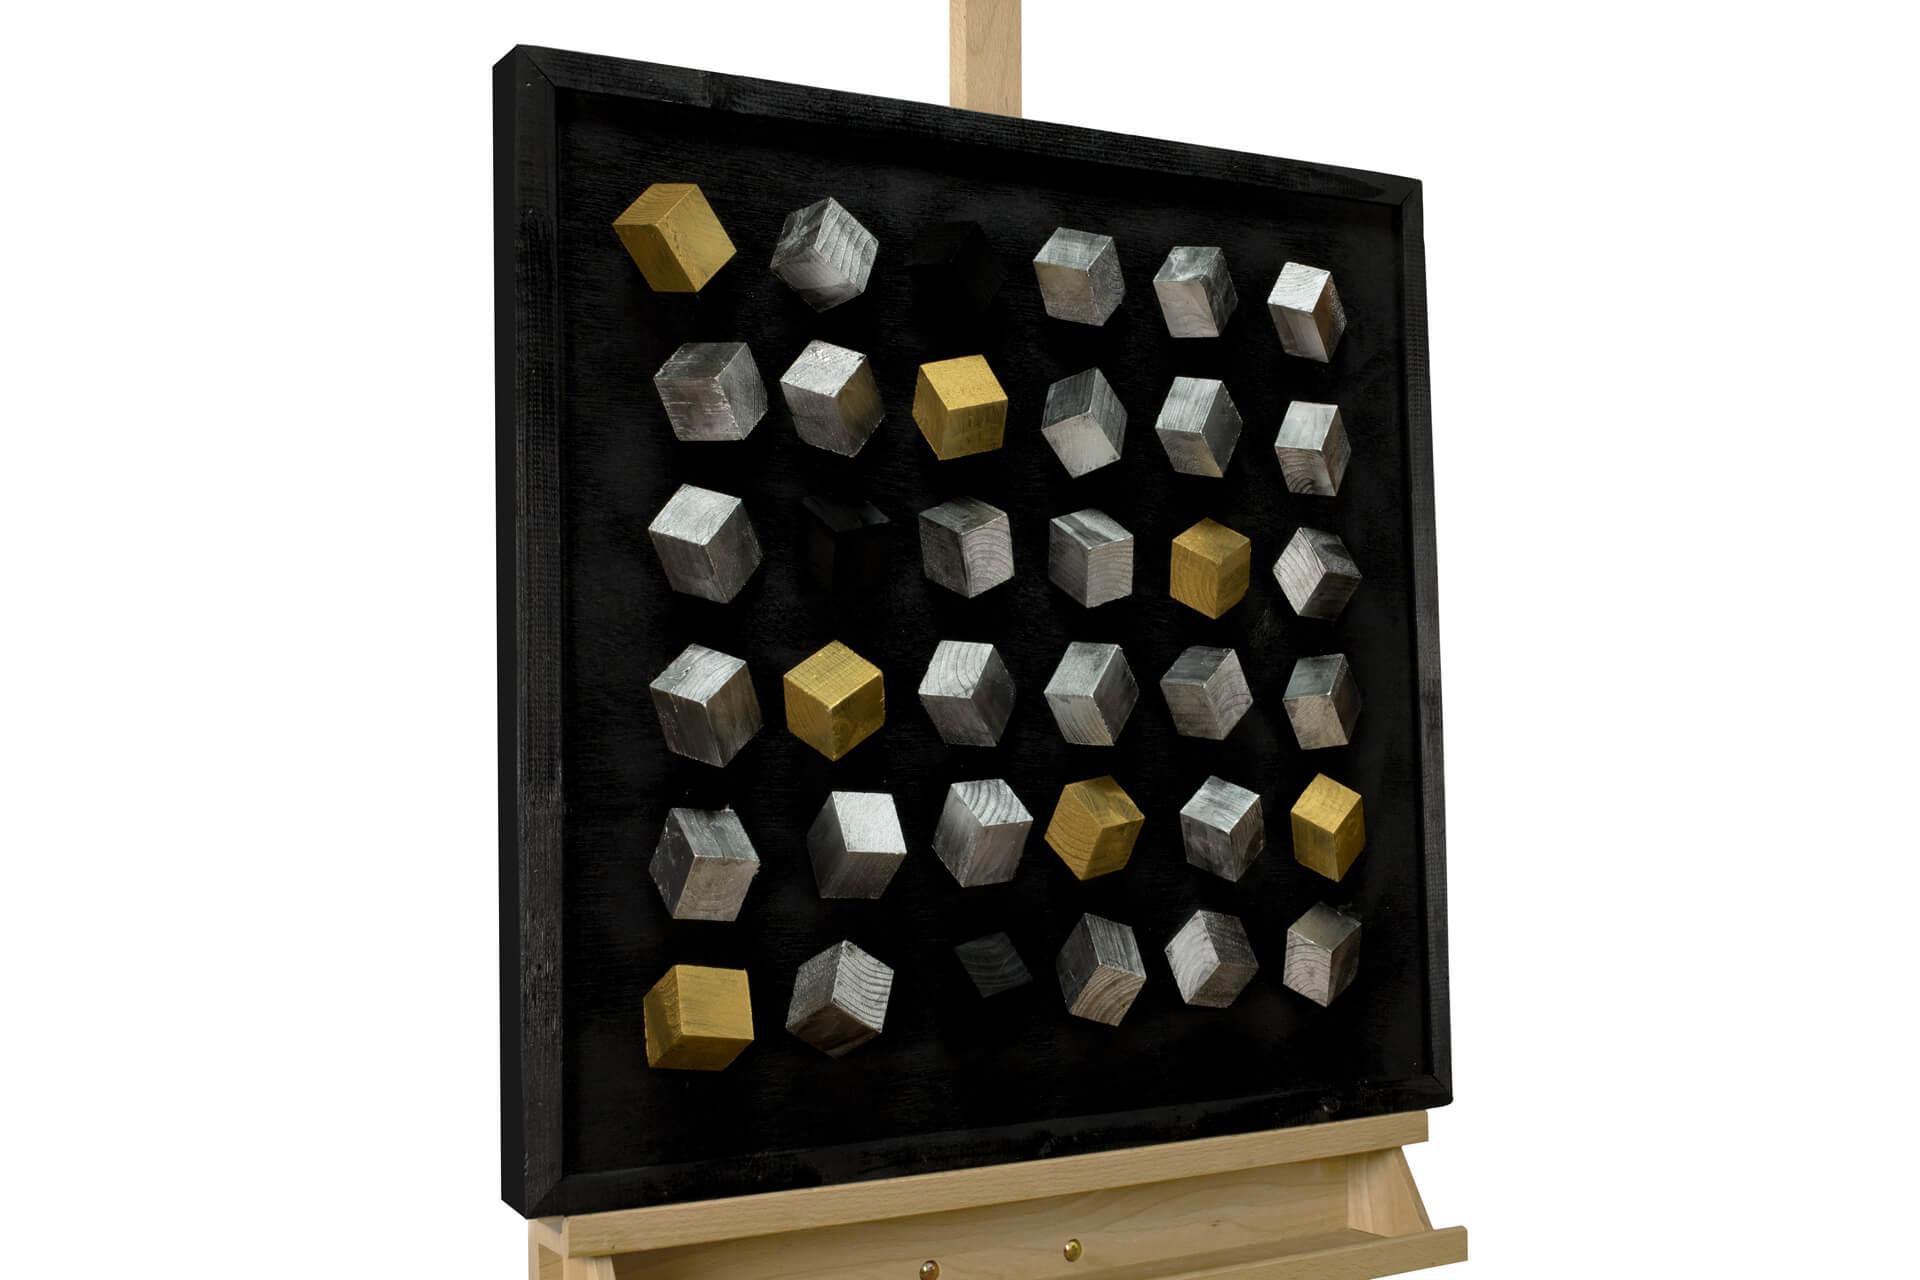 KL abstrakt gold silber holz bilder holz gemaelde relief handgefertigt modern 01